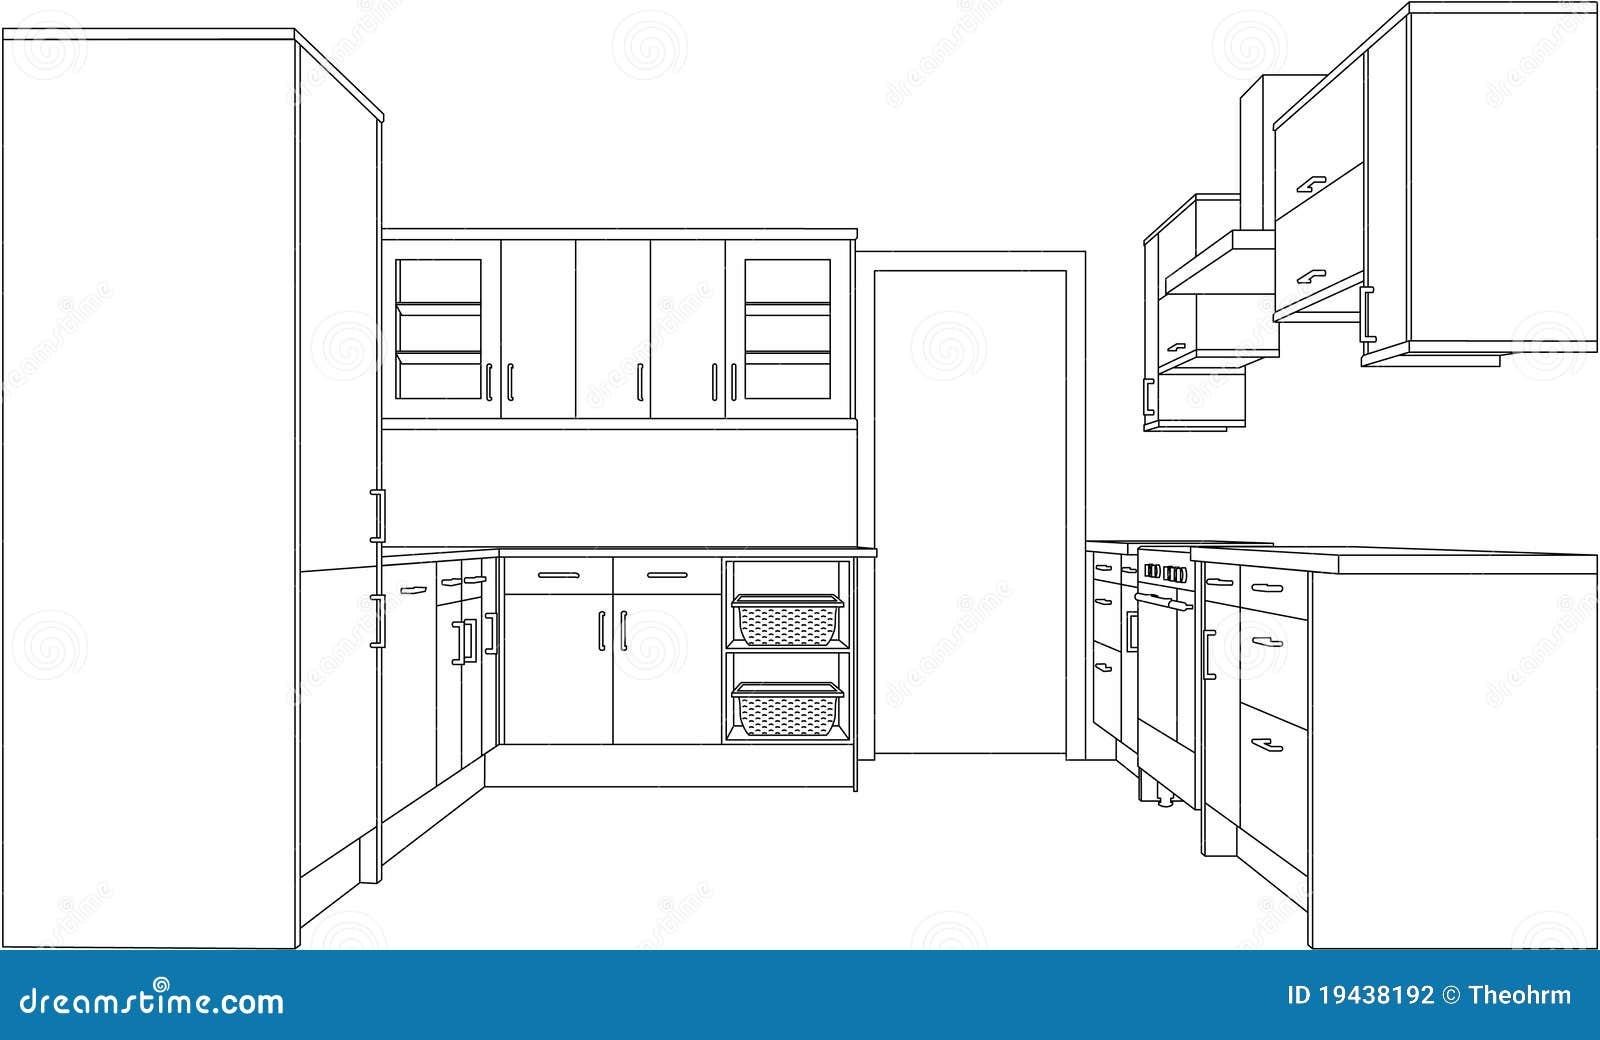 #85A922 Desenho De Uma Cozinha Cabida Fotografia de Stock Imagem: 19438192 1300x862 px Imagem De Uma Cozinha_30 Imagens